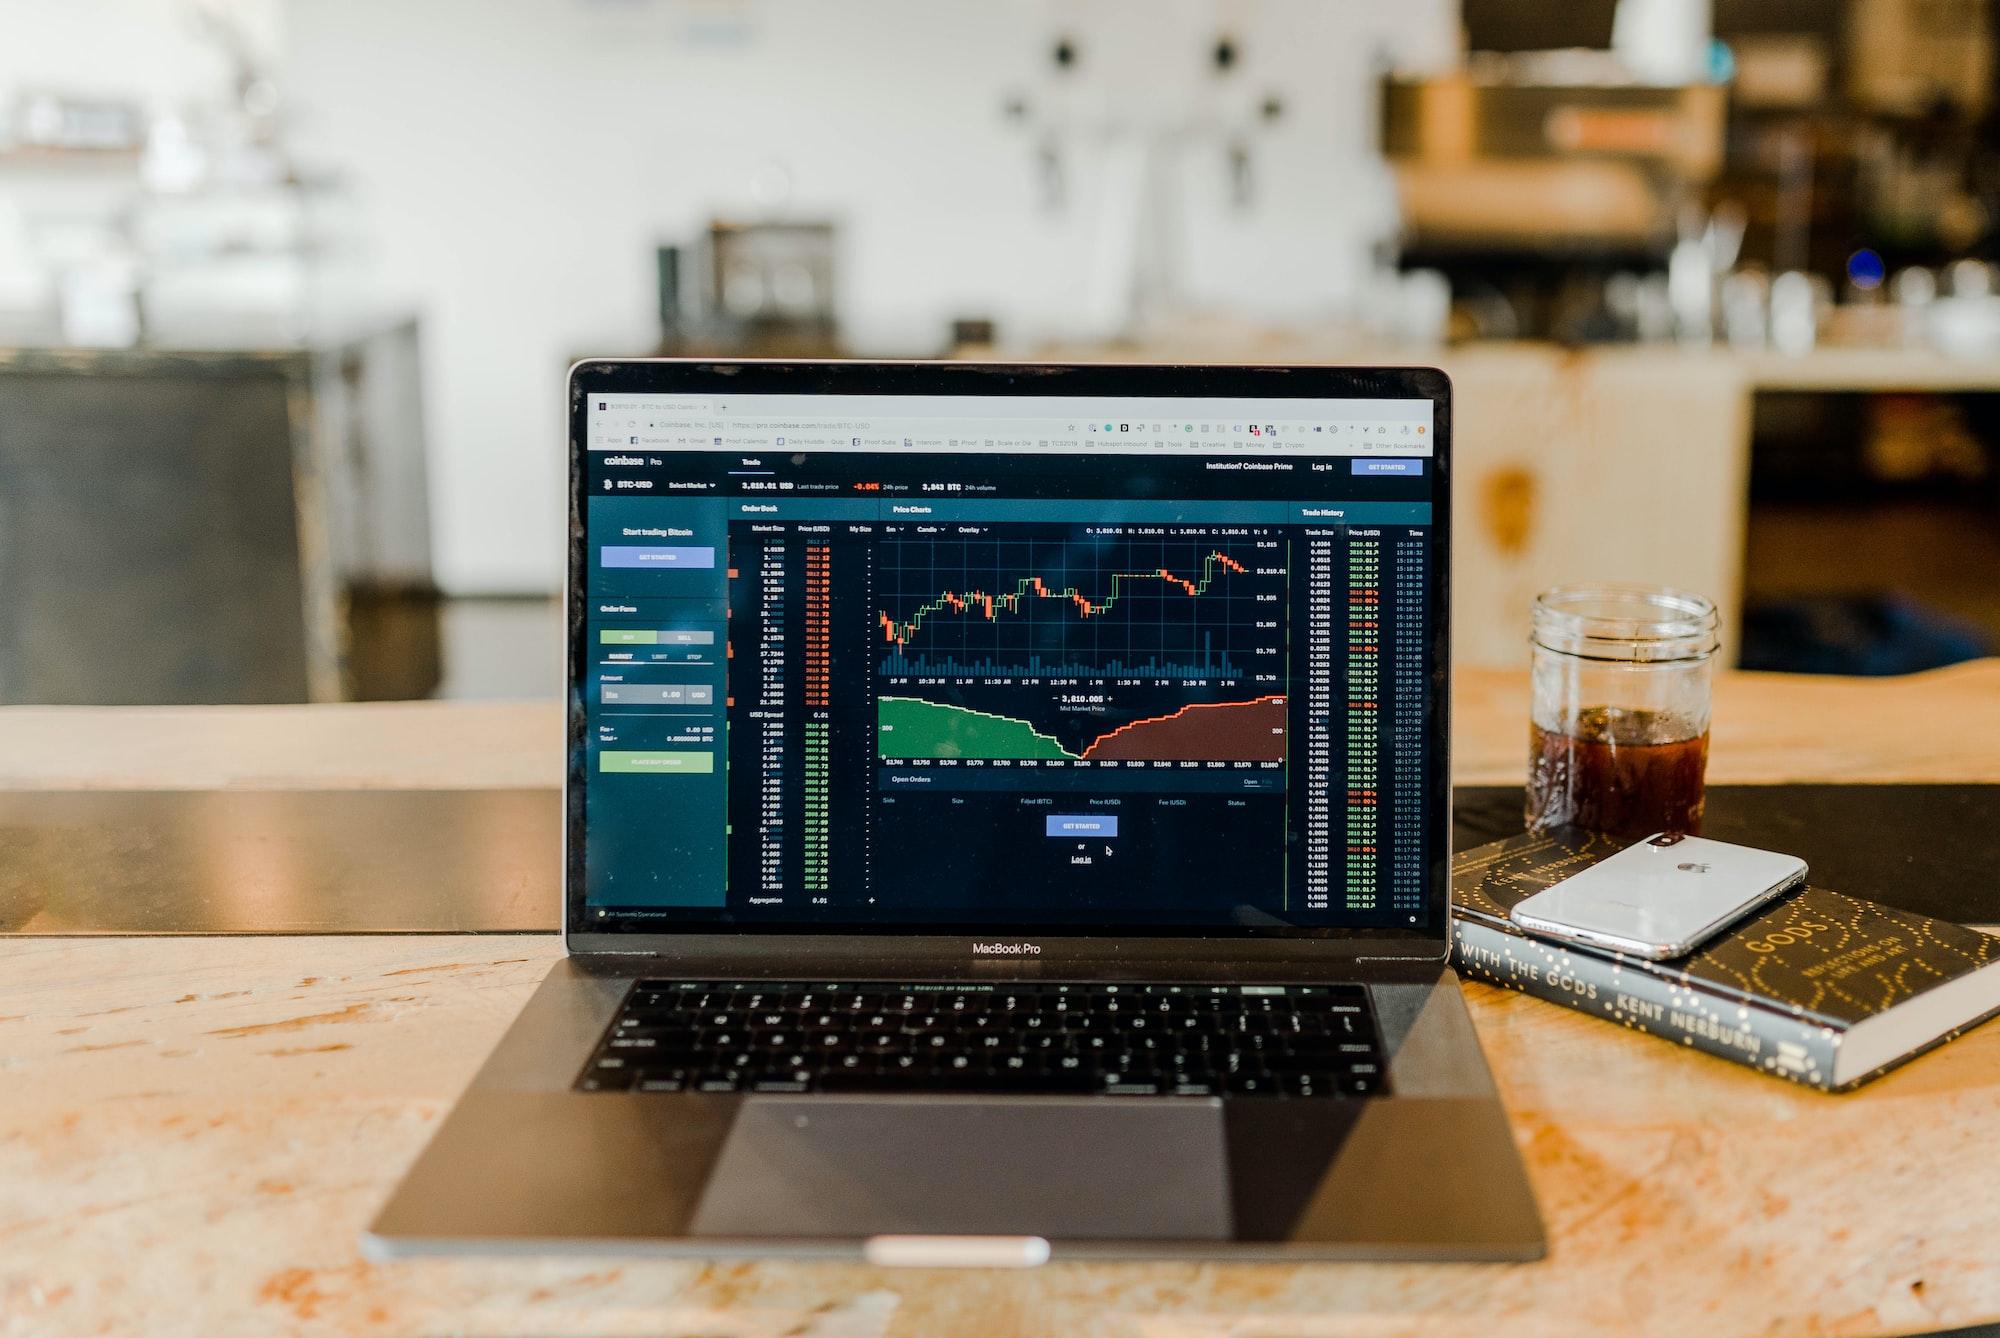 Przegląd kluczowych kryptowalut, indeksów giełdowych i wybranych spółek